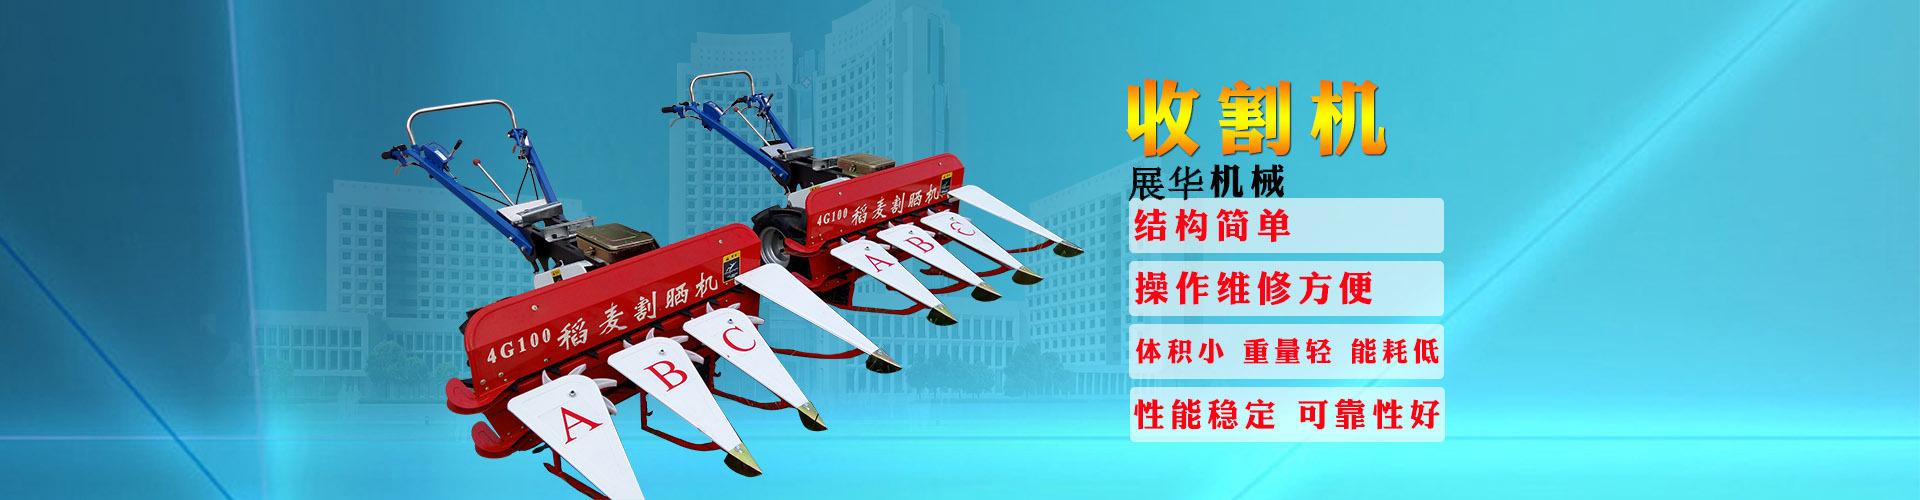 济宁展华机械设备制造有限公司